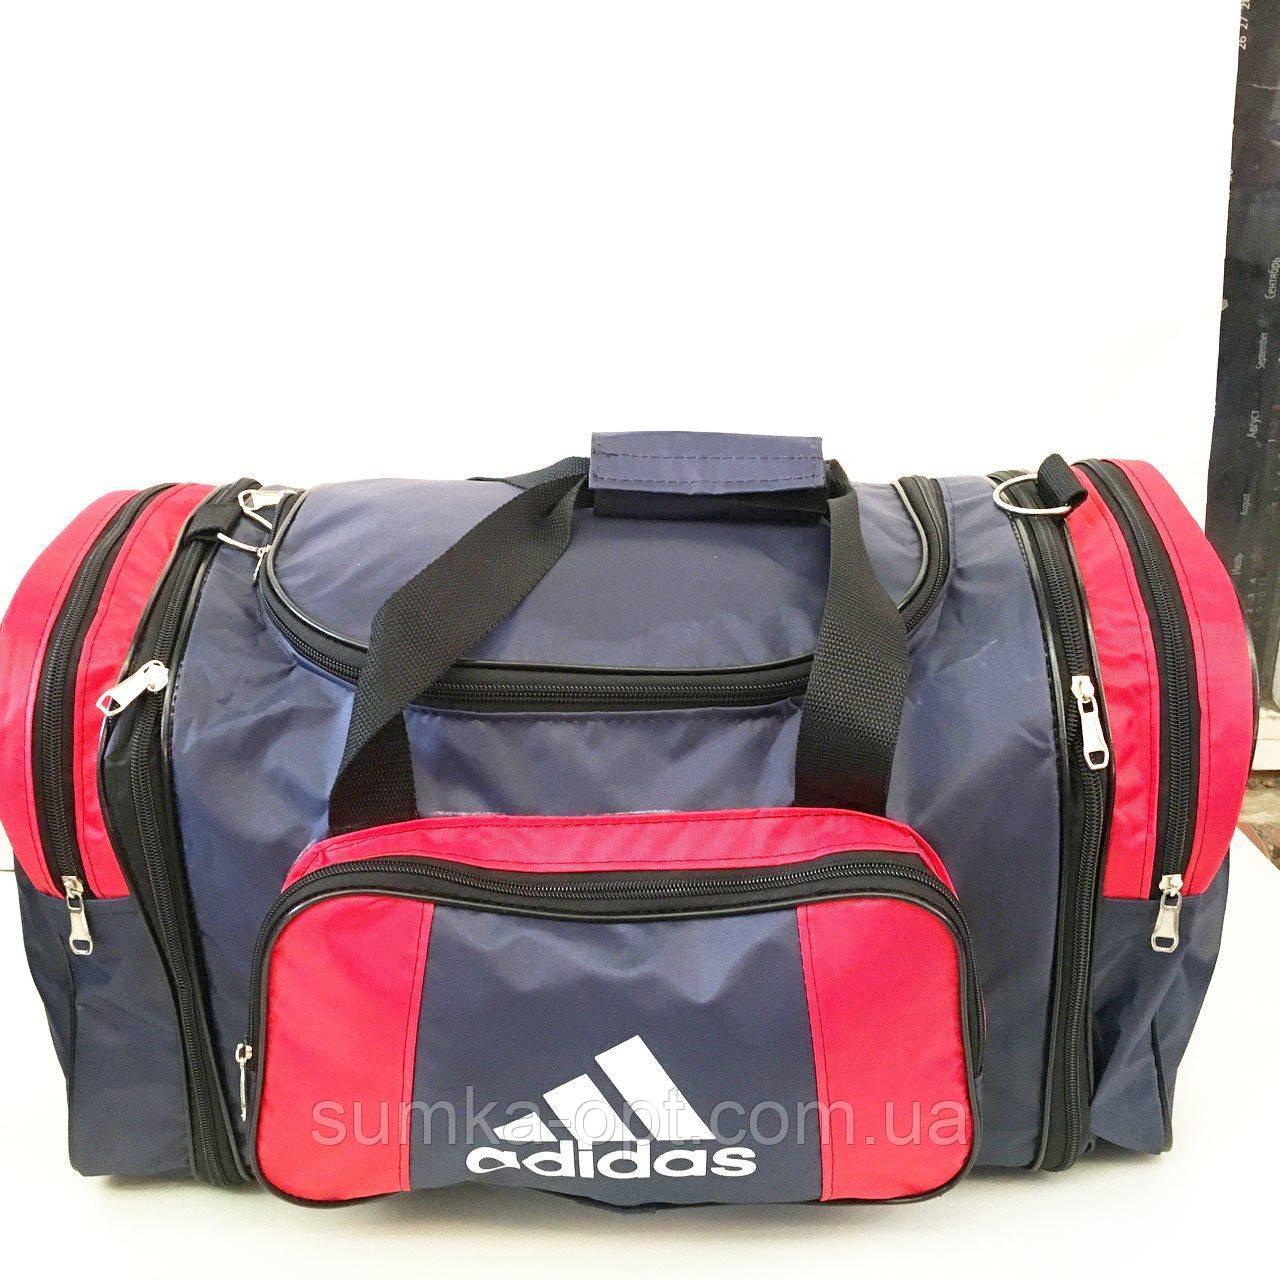 Дорожные сумки-ТРАНСФОРМЕР Adidas (синий+красный)31х53=31х63см